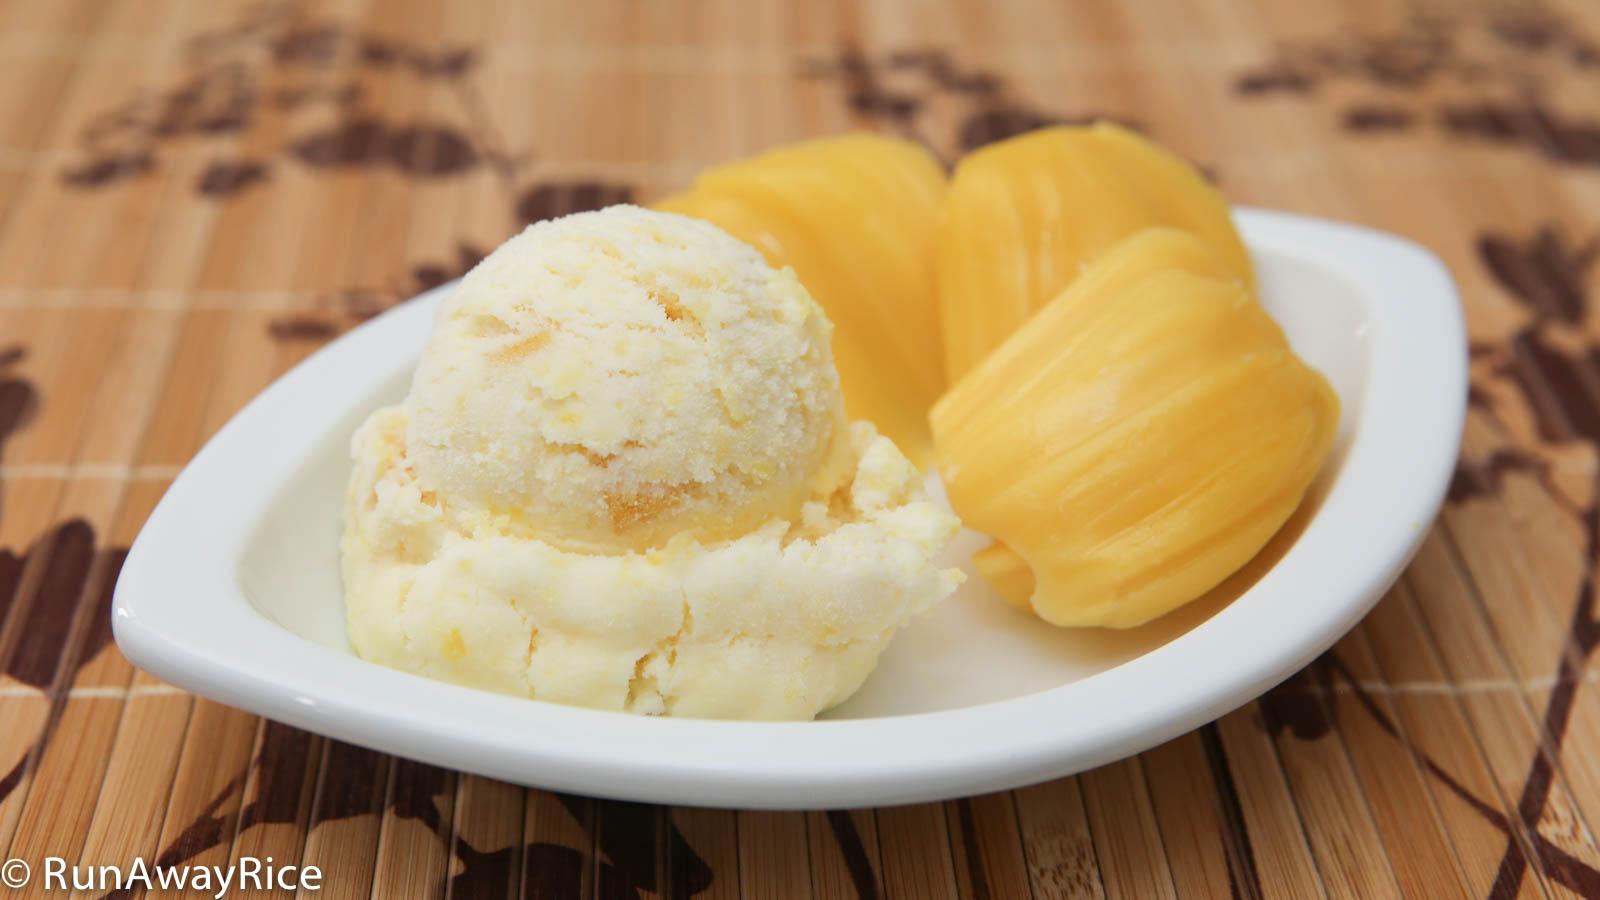 Cách làm kem mít mát lạnh giải nhiệt mùa hè tuyệt ngon 1